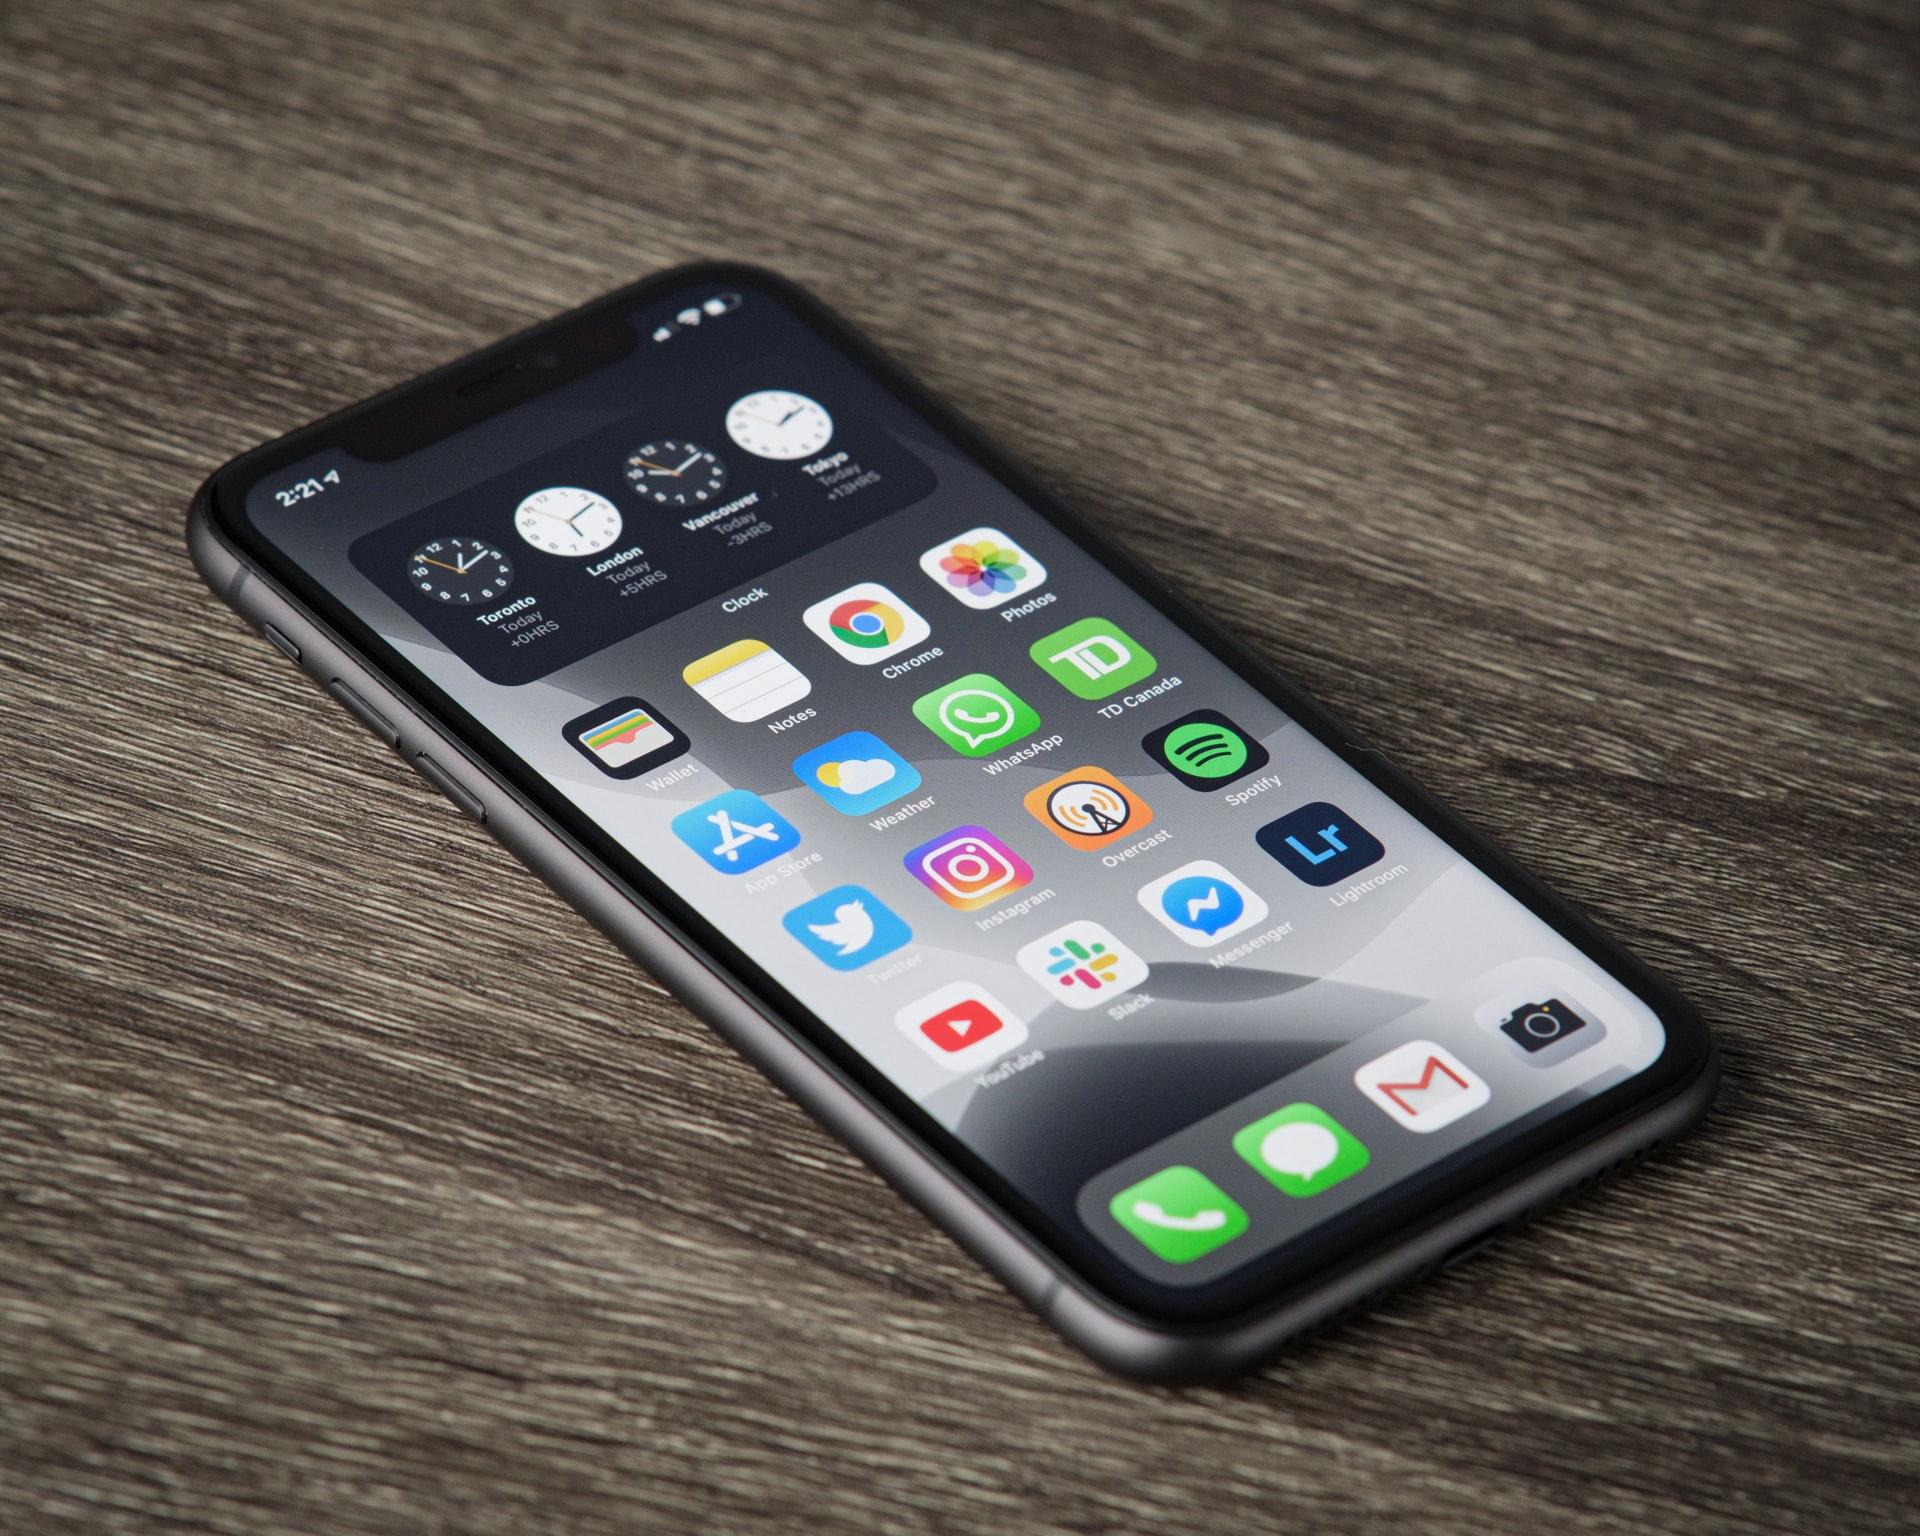 Mit dem Handy ein Telefonat aufnehmen – PhoneRecorder zeigt wie